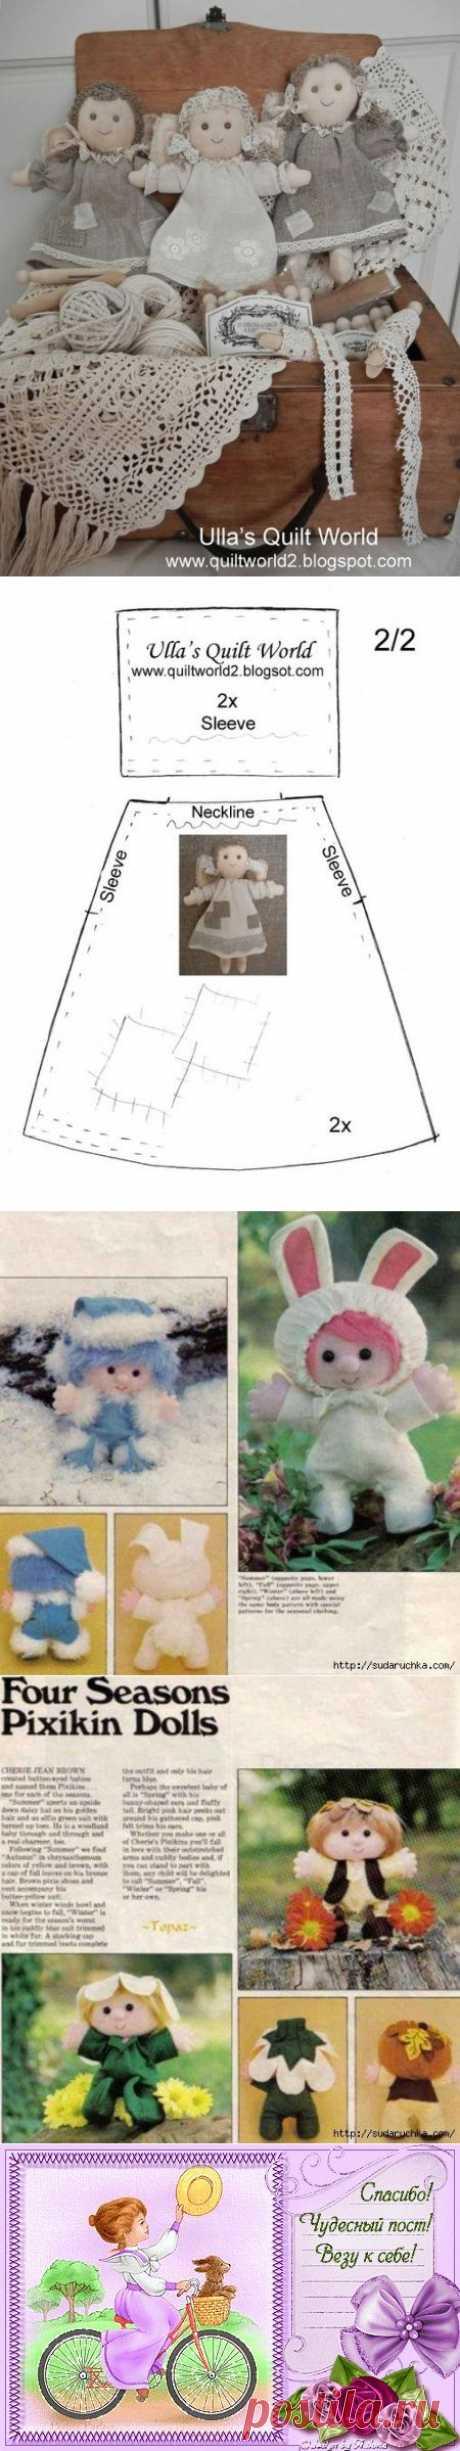 2 выкройки малюсеньких куколок / Разнообразные игрушки ручной работы / PassionForum - мастер-классы по рукоделию